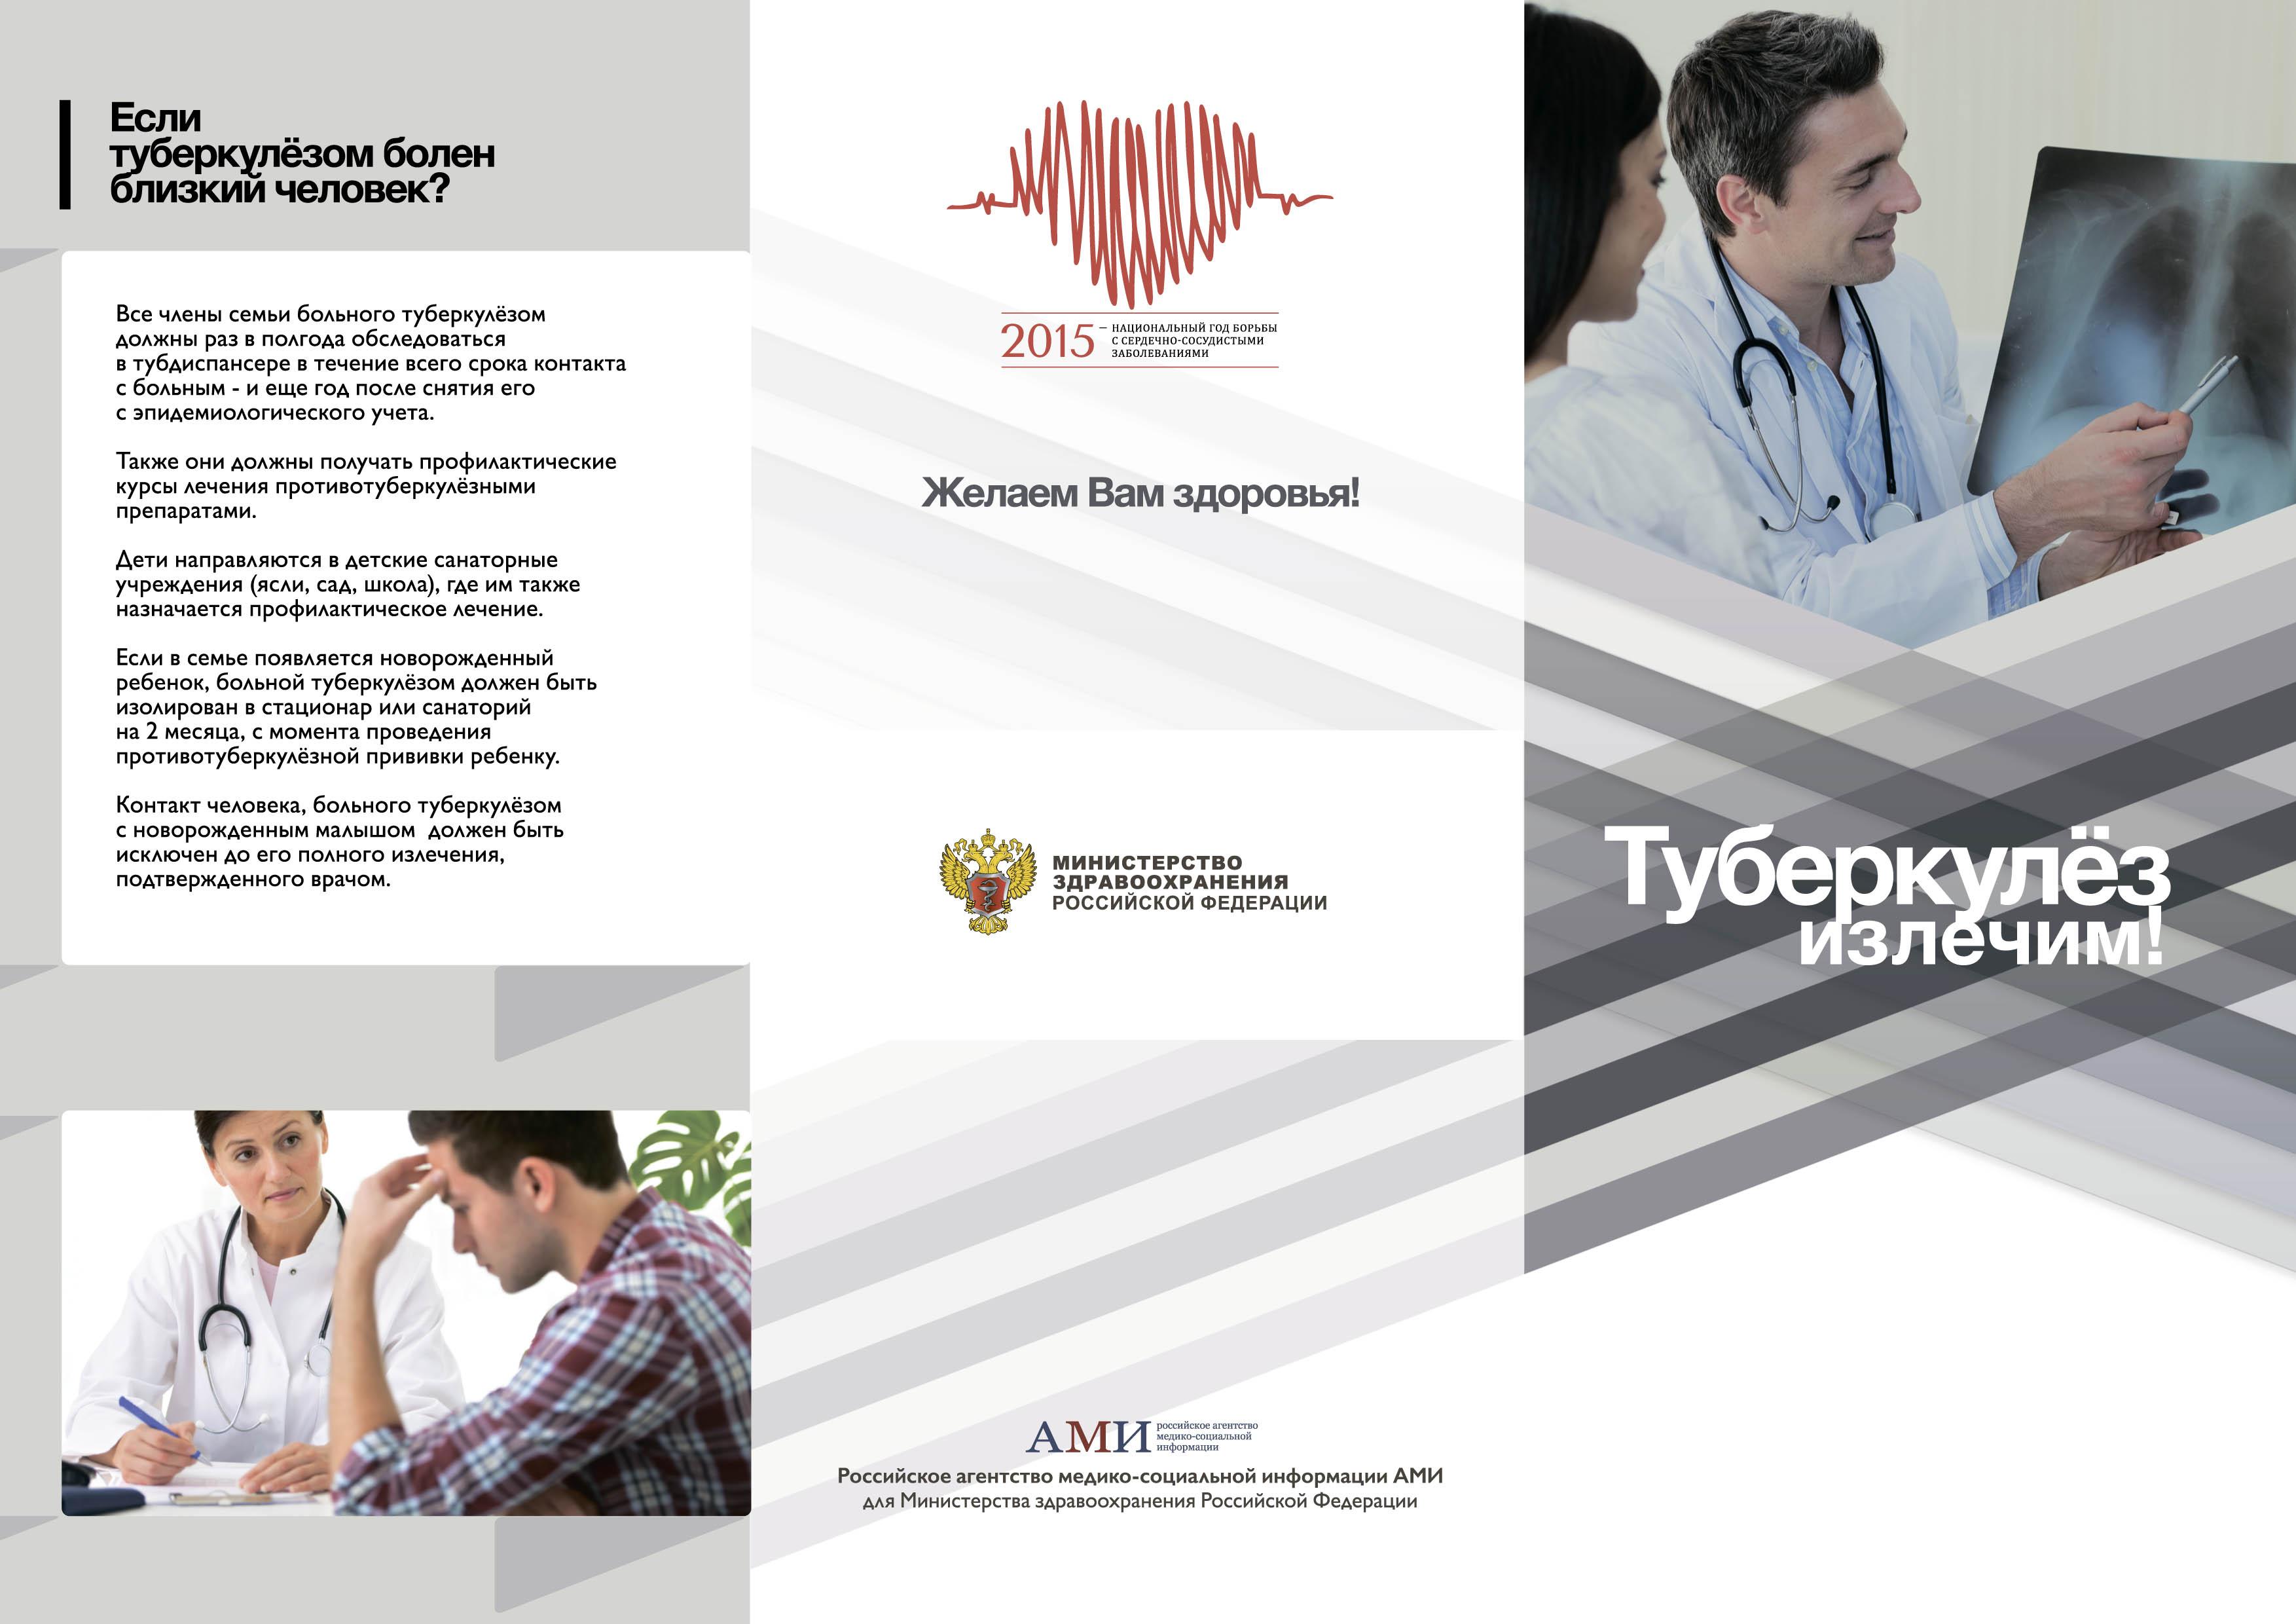 презентация. психиатр диагноз f-71